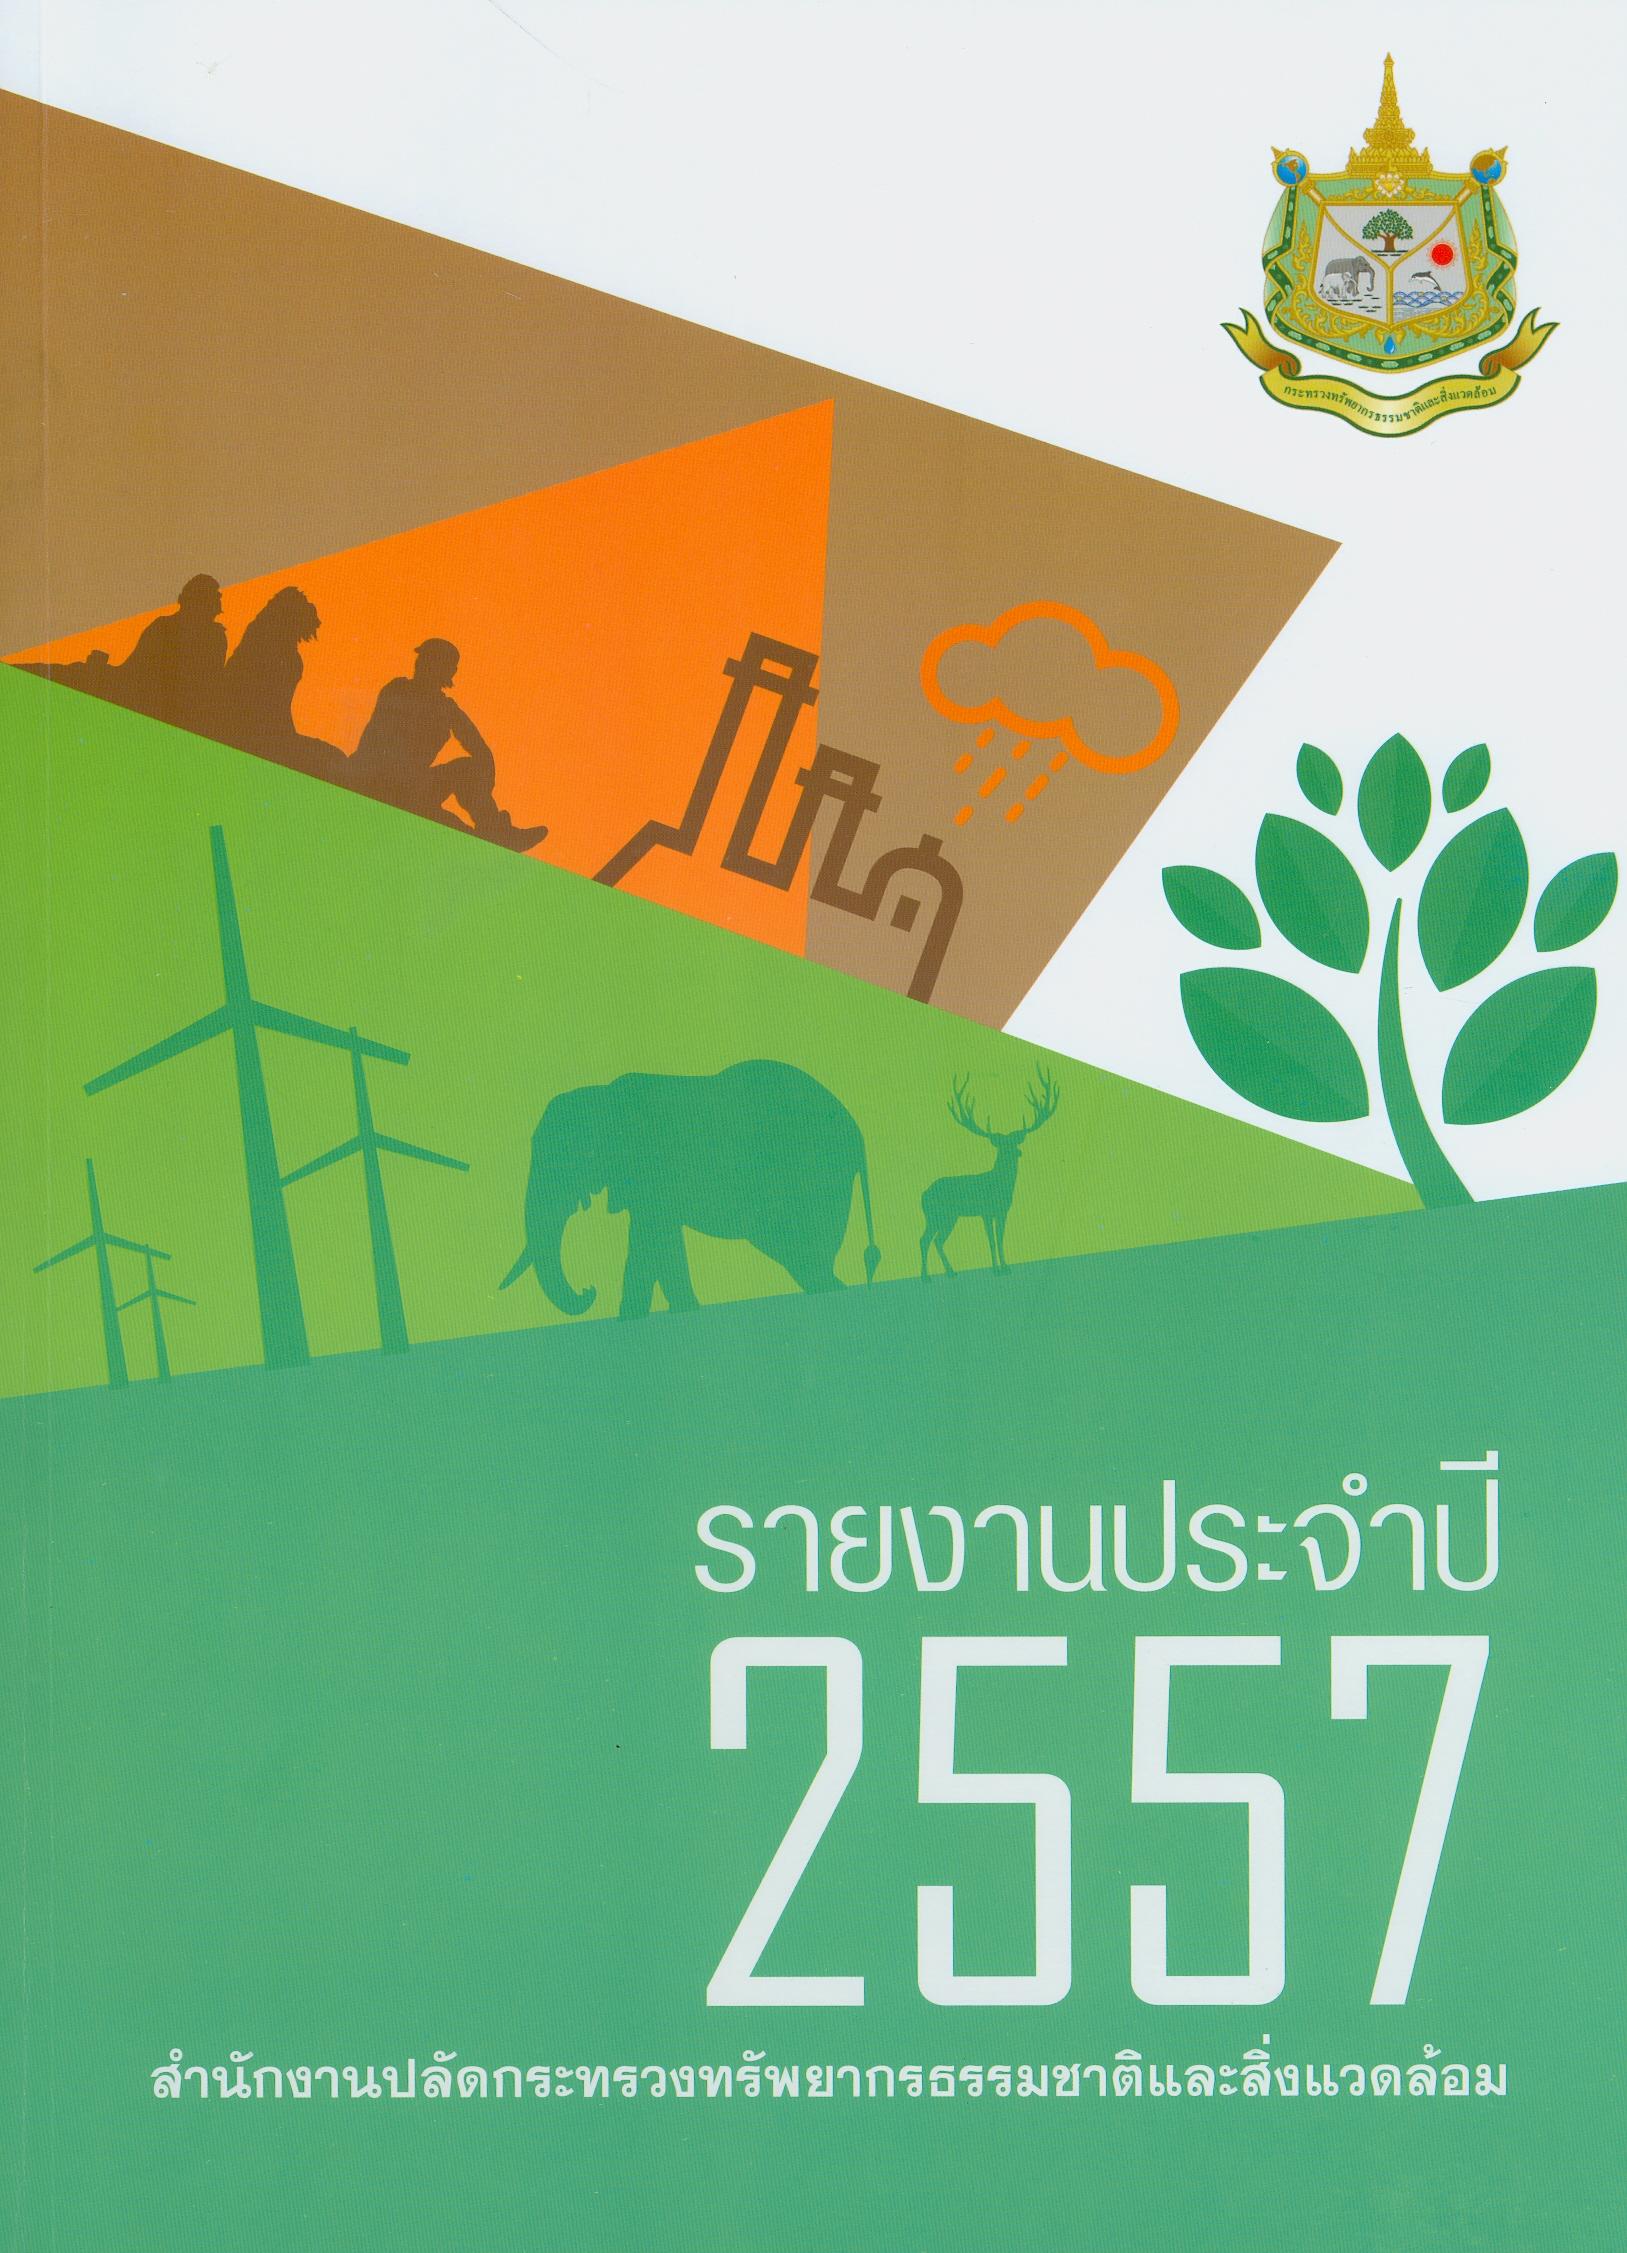 รายงานประจำปี 2557 สำนักงานปลัดกระทรวงทรัพยากรธรรมชาติและสิ่งแวดล้อม /สำนักงานปลัดกระทรวงทรัพยากรธรรมชาติและสิ่งแวดล้อม  รายงานประจำปี สำนักงานปลัดกระทรวงทรัพยากรธรรมชาติและสิ่งแวดล้อม